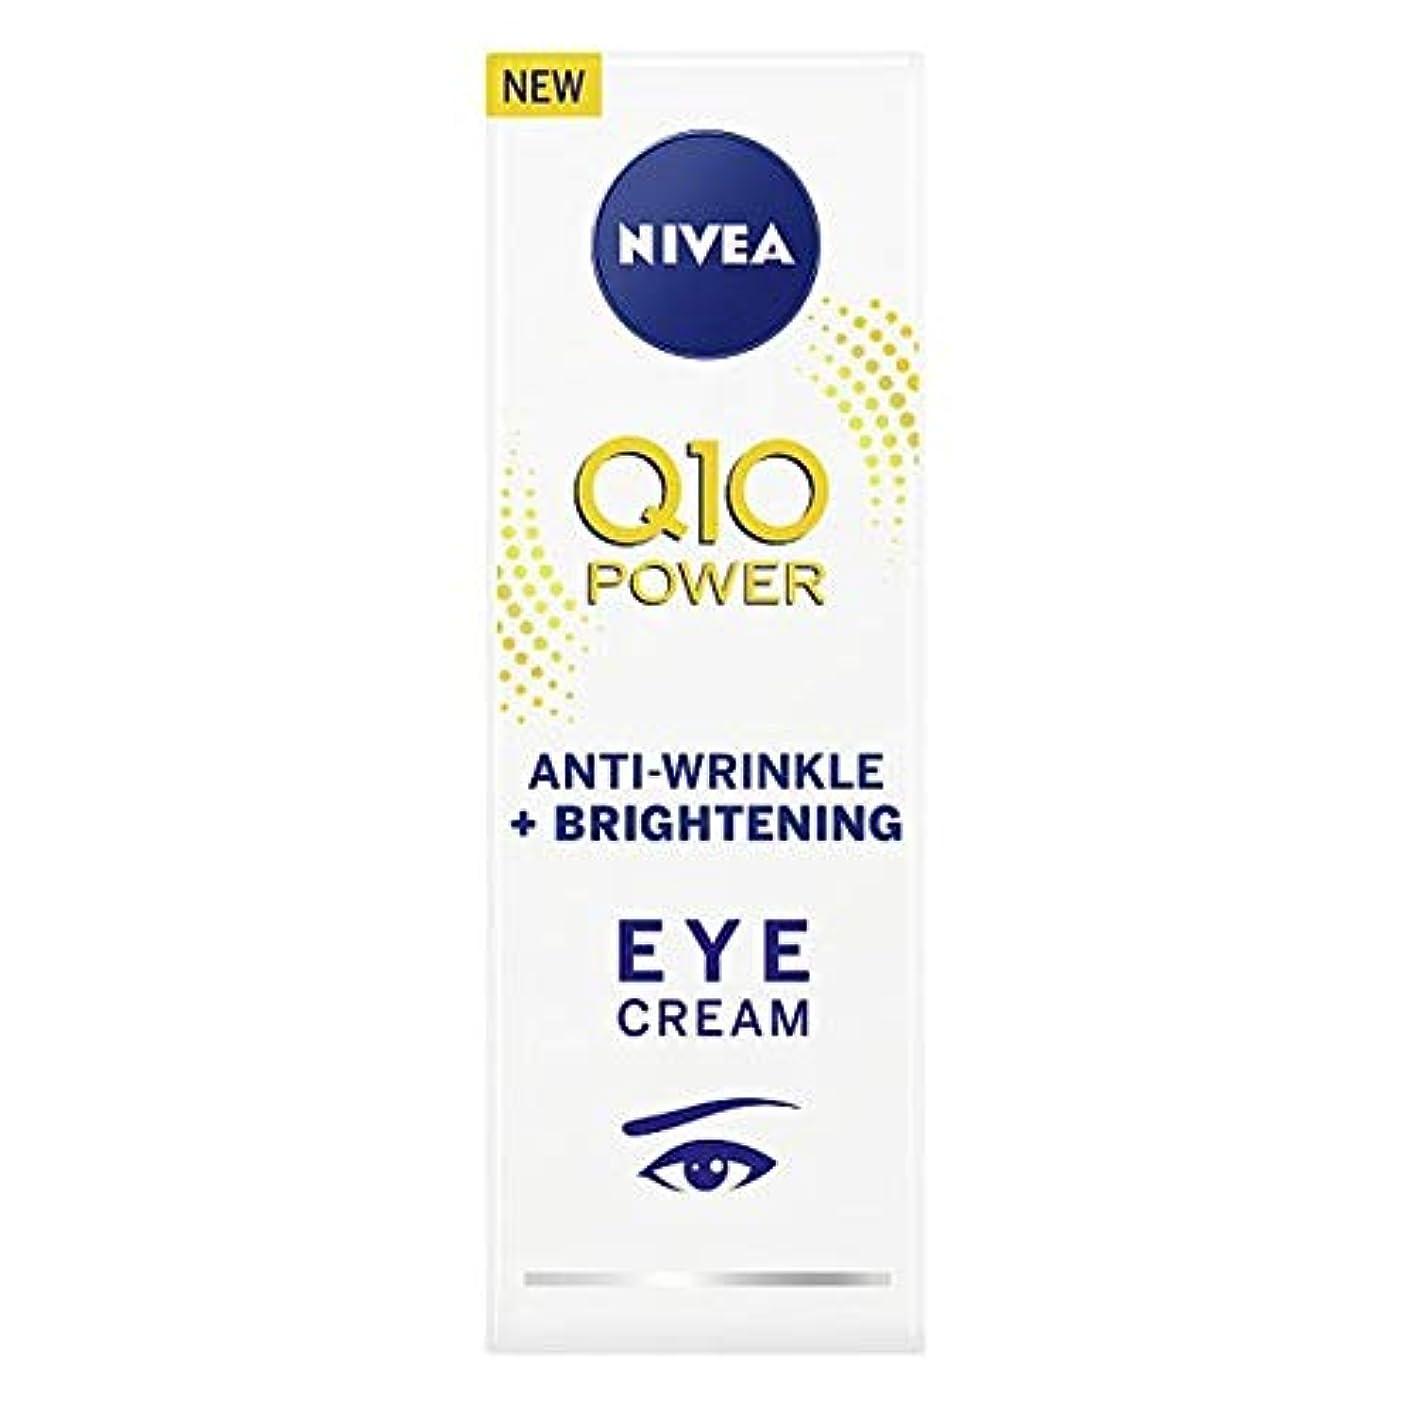 吐き出す現代締め切り[Nivea] ニベアQ10電源明るいアイクリーム15ミリリットル - Nivea Q10 Power Bright Eye Cream 15Ml [並行輸入品]